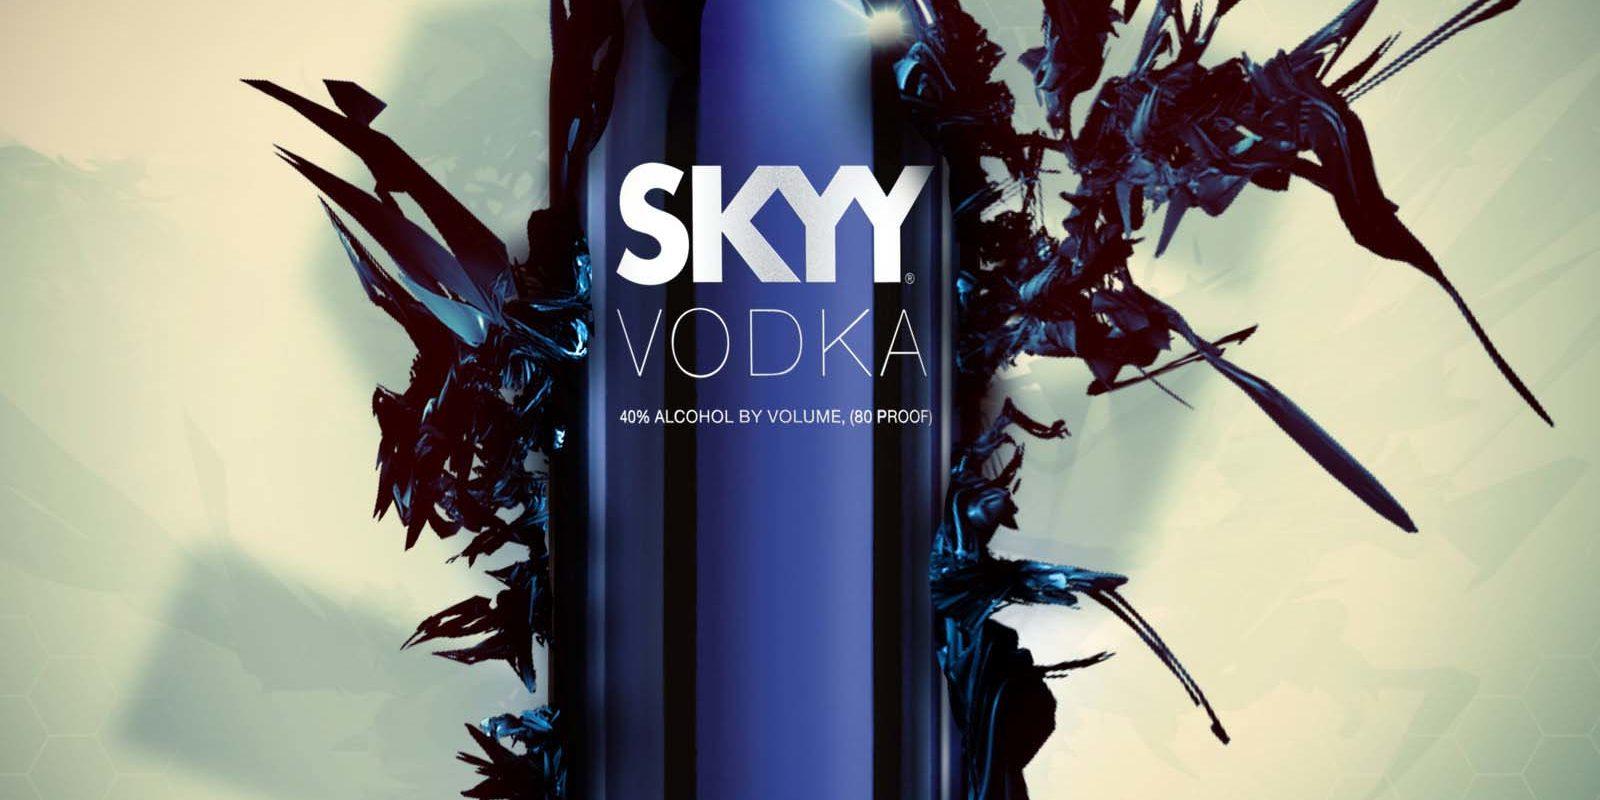 99 Bottles Of Skyy On The Shelf